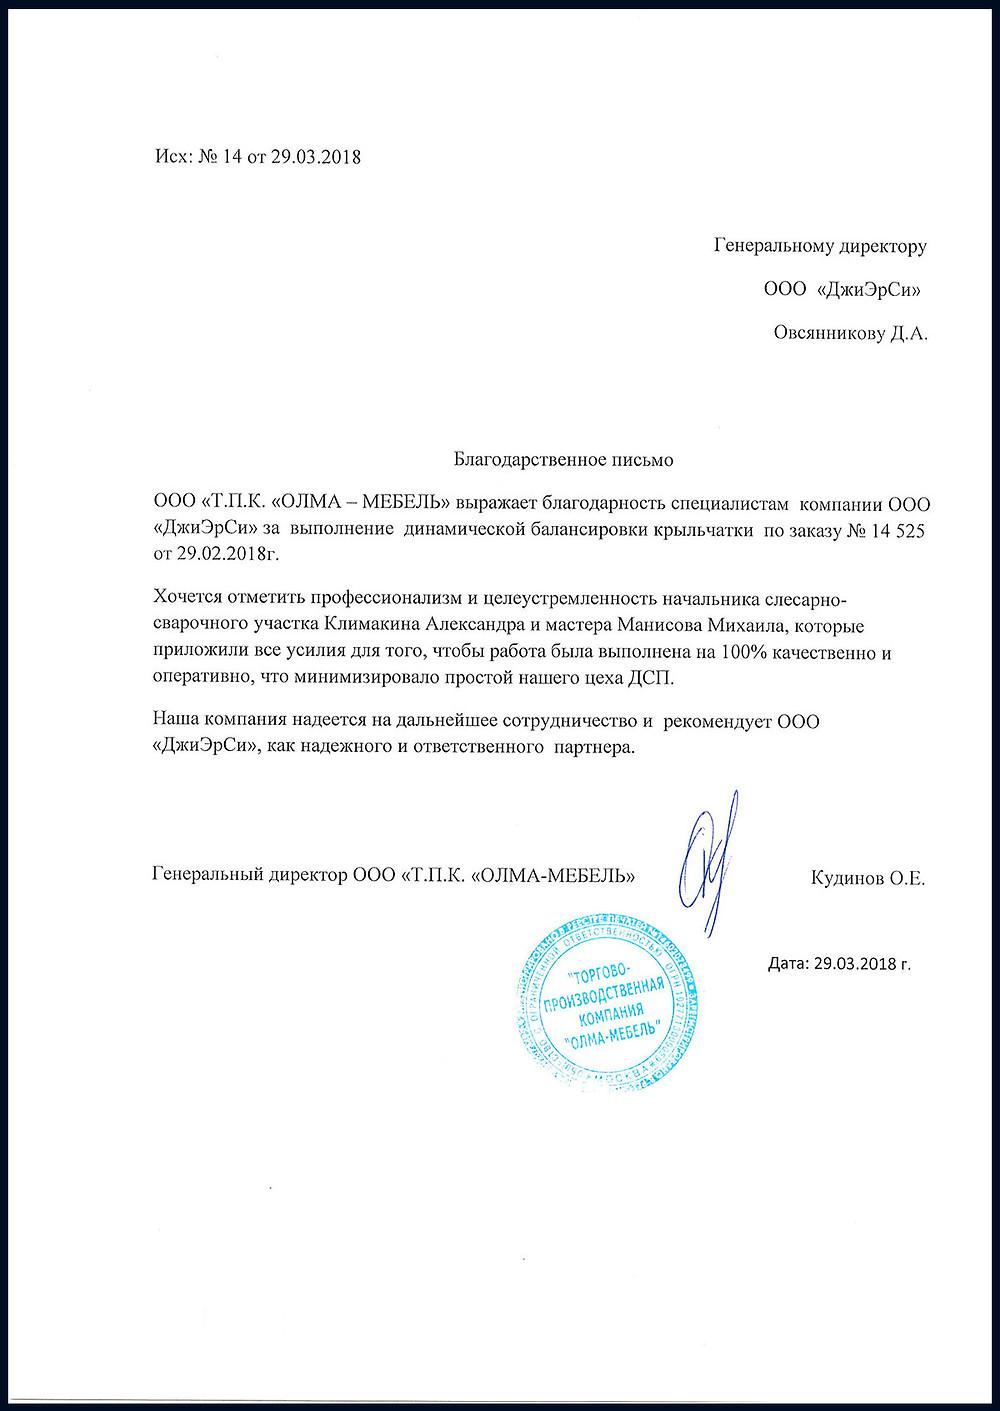 Отзыв о компании GRC от ОЛМА-МЕБЕЛЬ